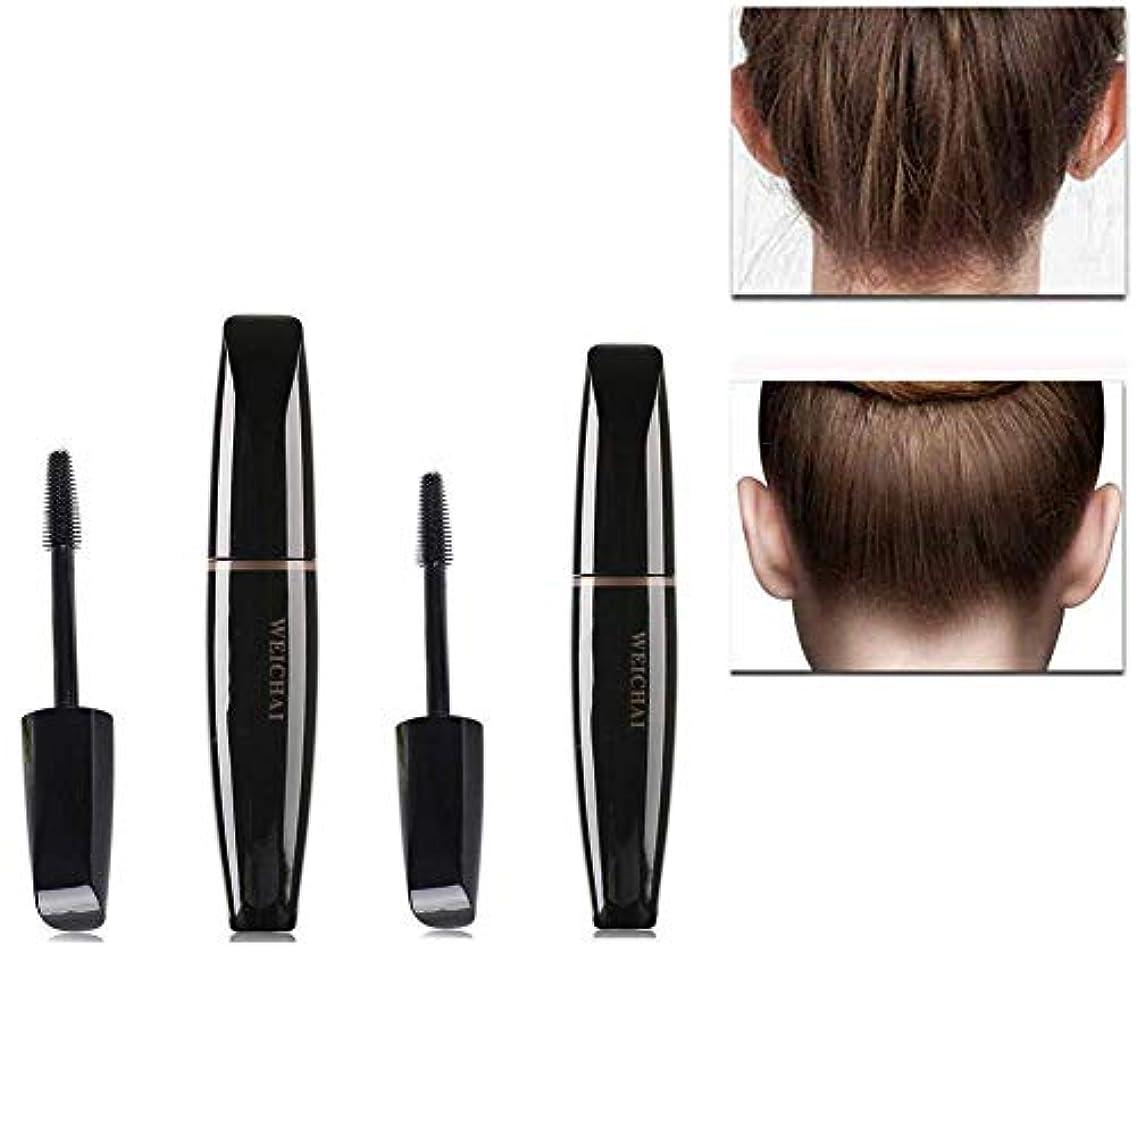 排除する晩ごはん広くヘアワックスス まとめ髪スティック ヘアジェル持続 スタイリングツール さわやか 油っぽくない 前髪 浮き毛まとめ 女の人 男の人 子供適用 2パック